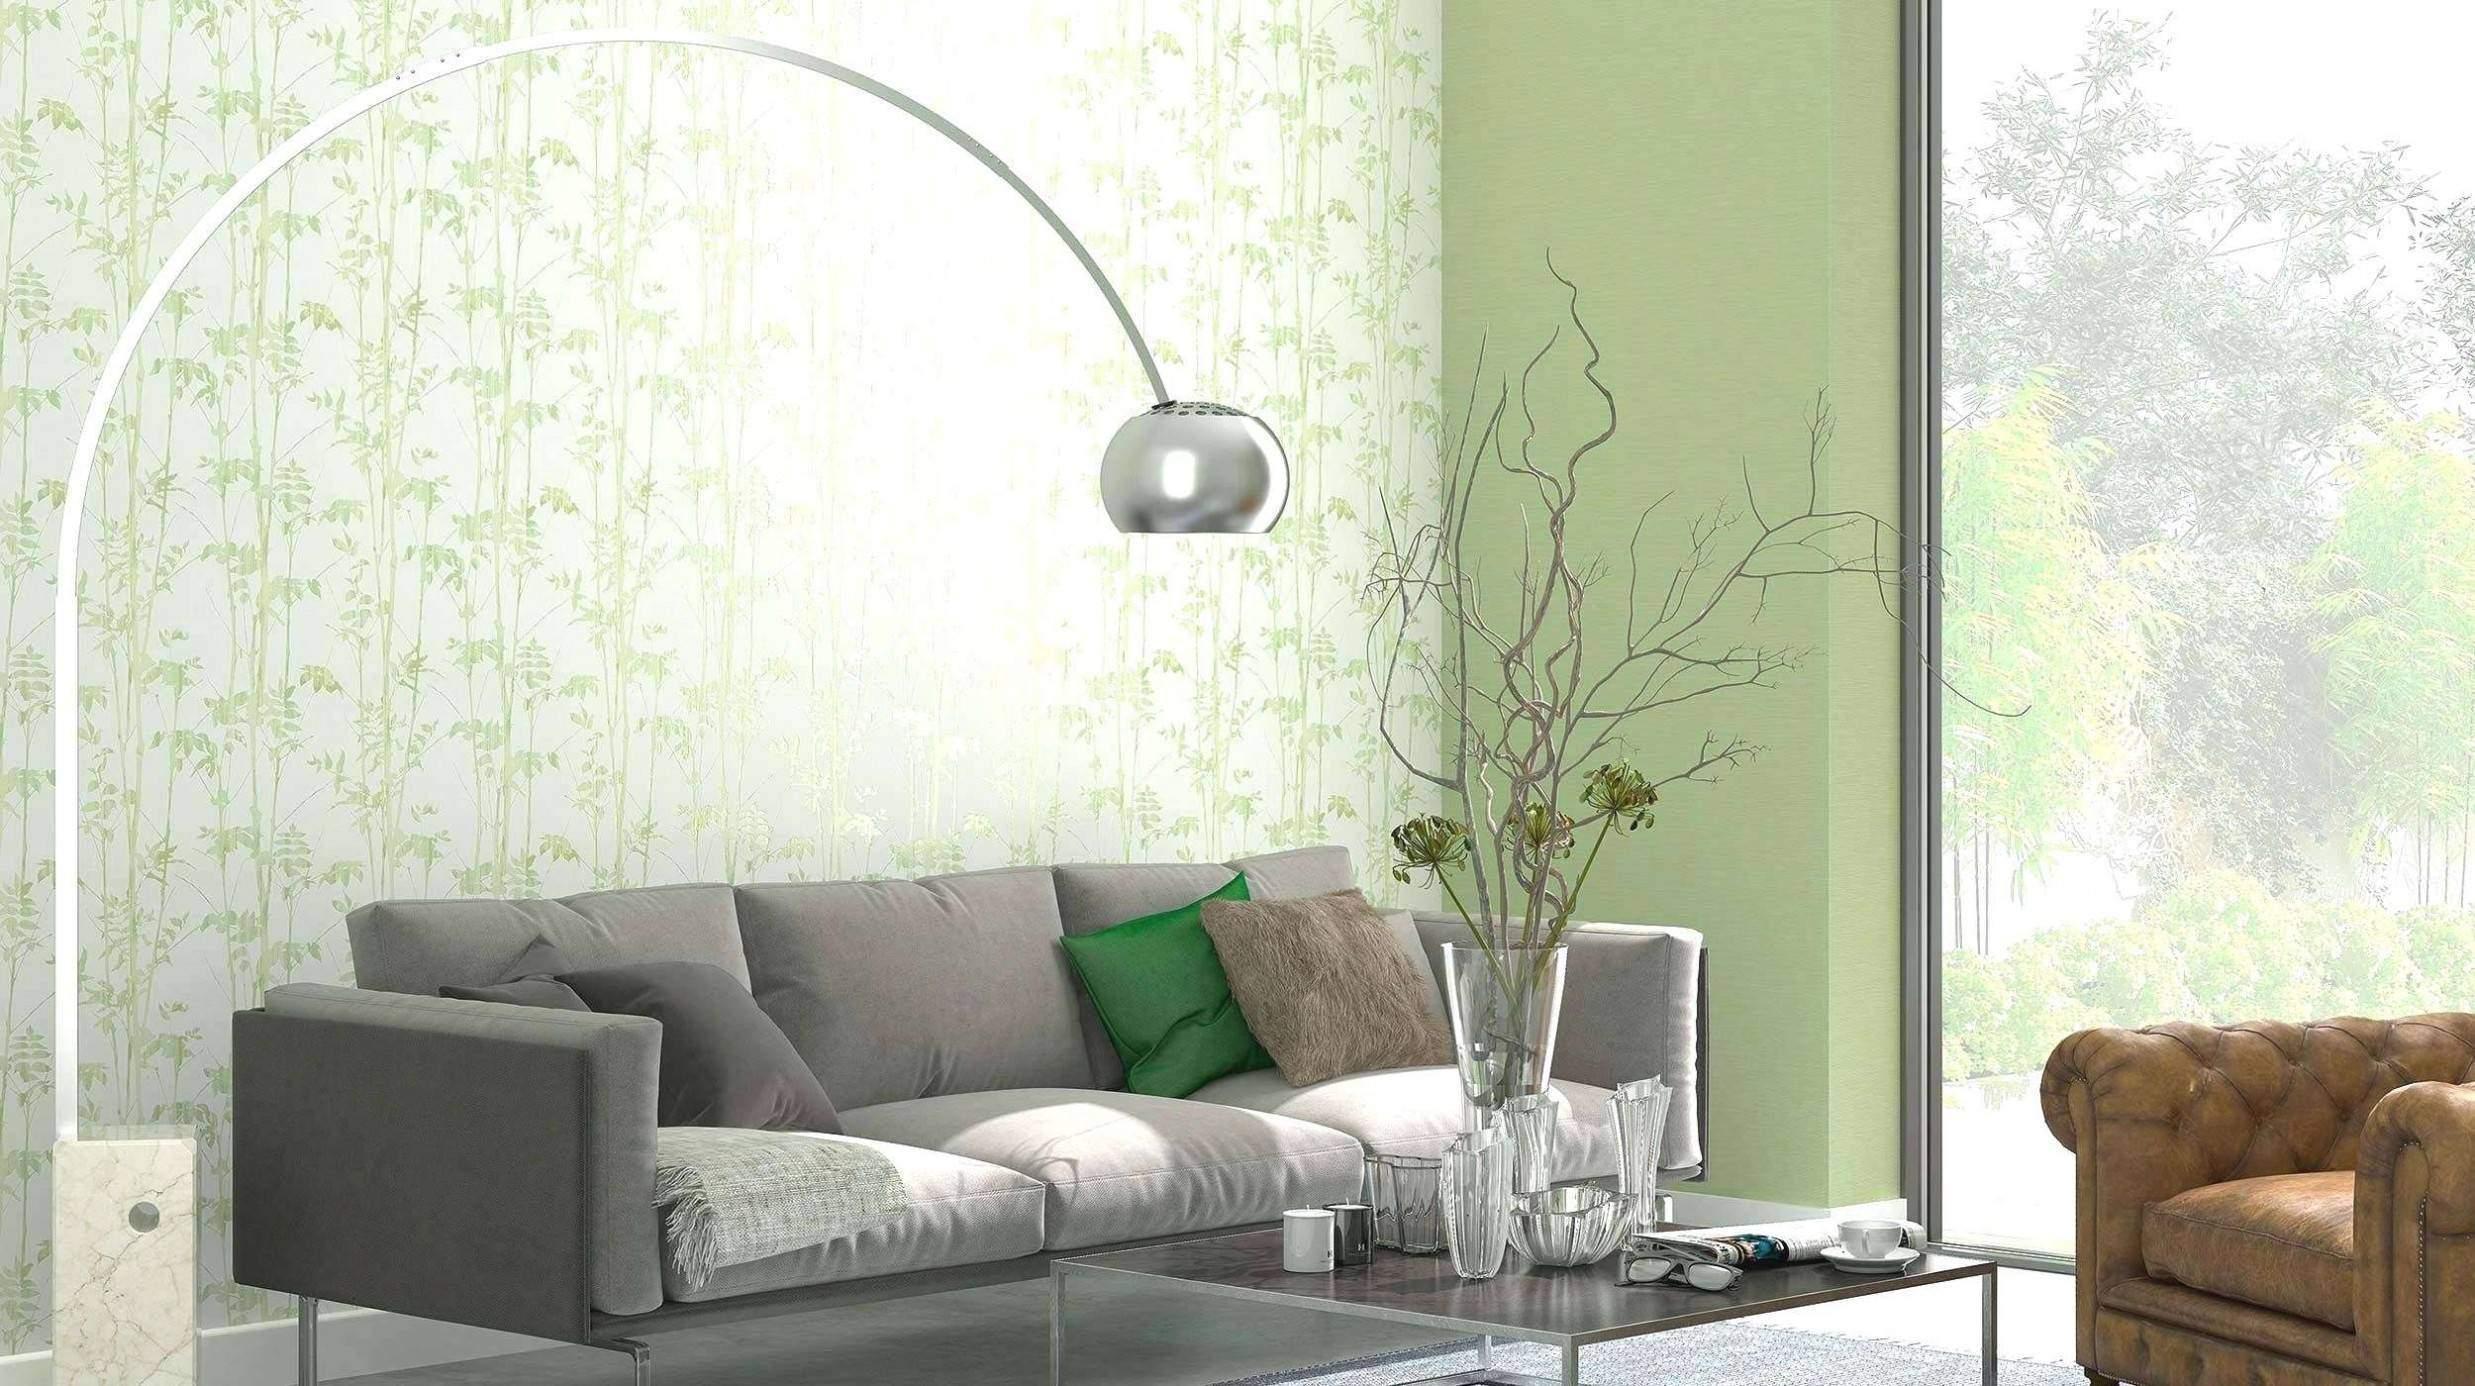 klapptisch wohnzimmer elegant 29 schon wohnzimmer luxus of klapptisch wohnzimmer